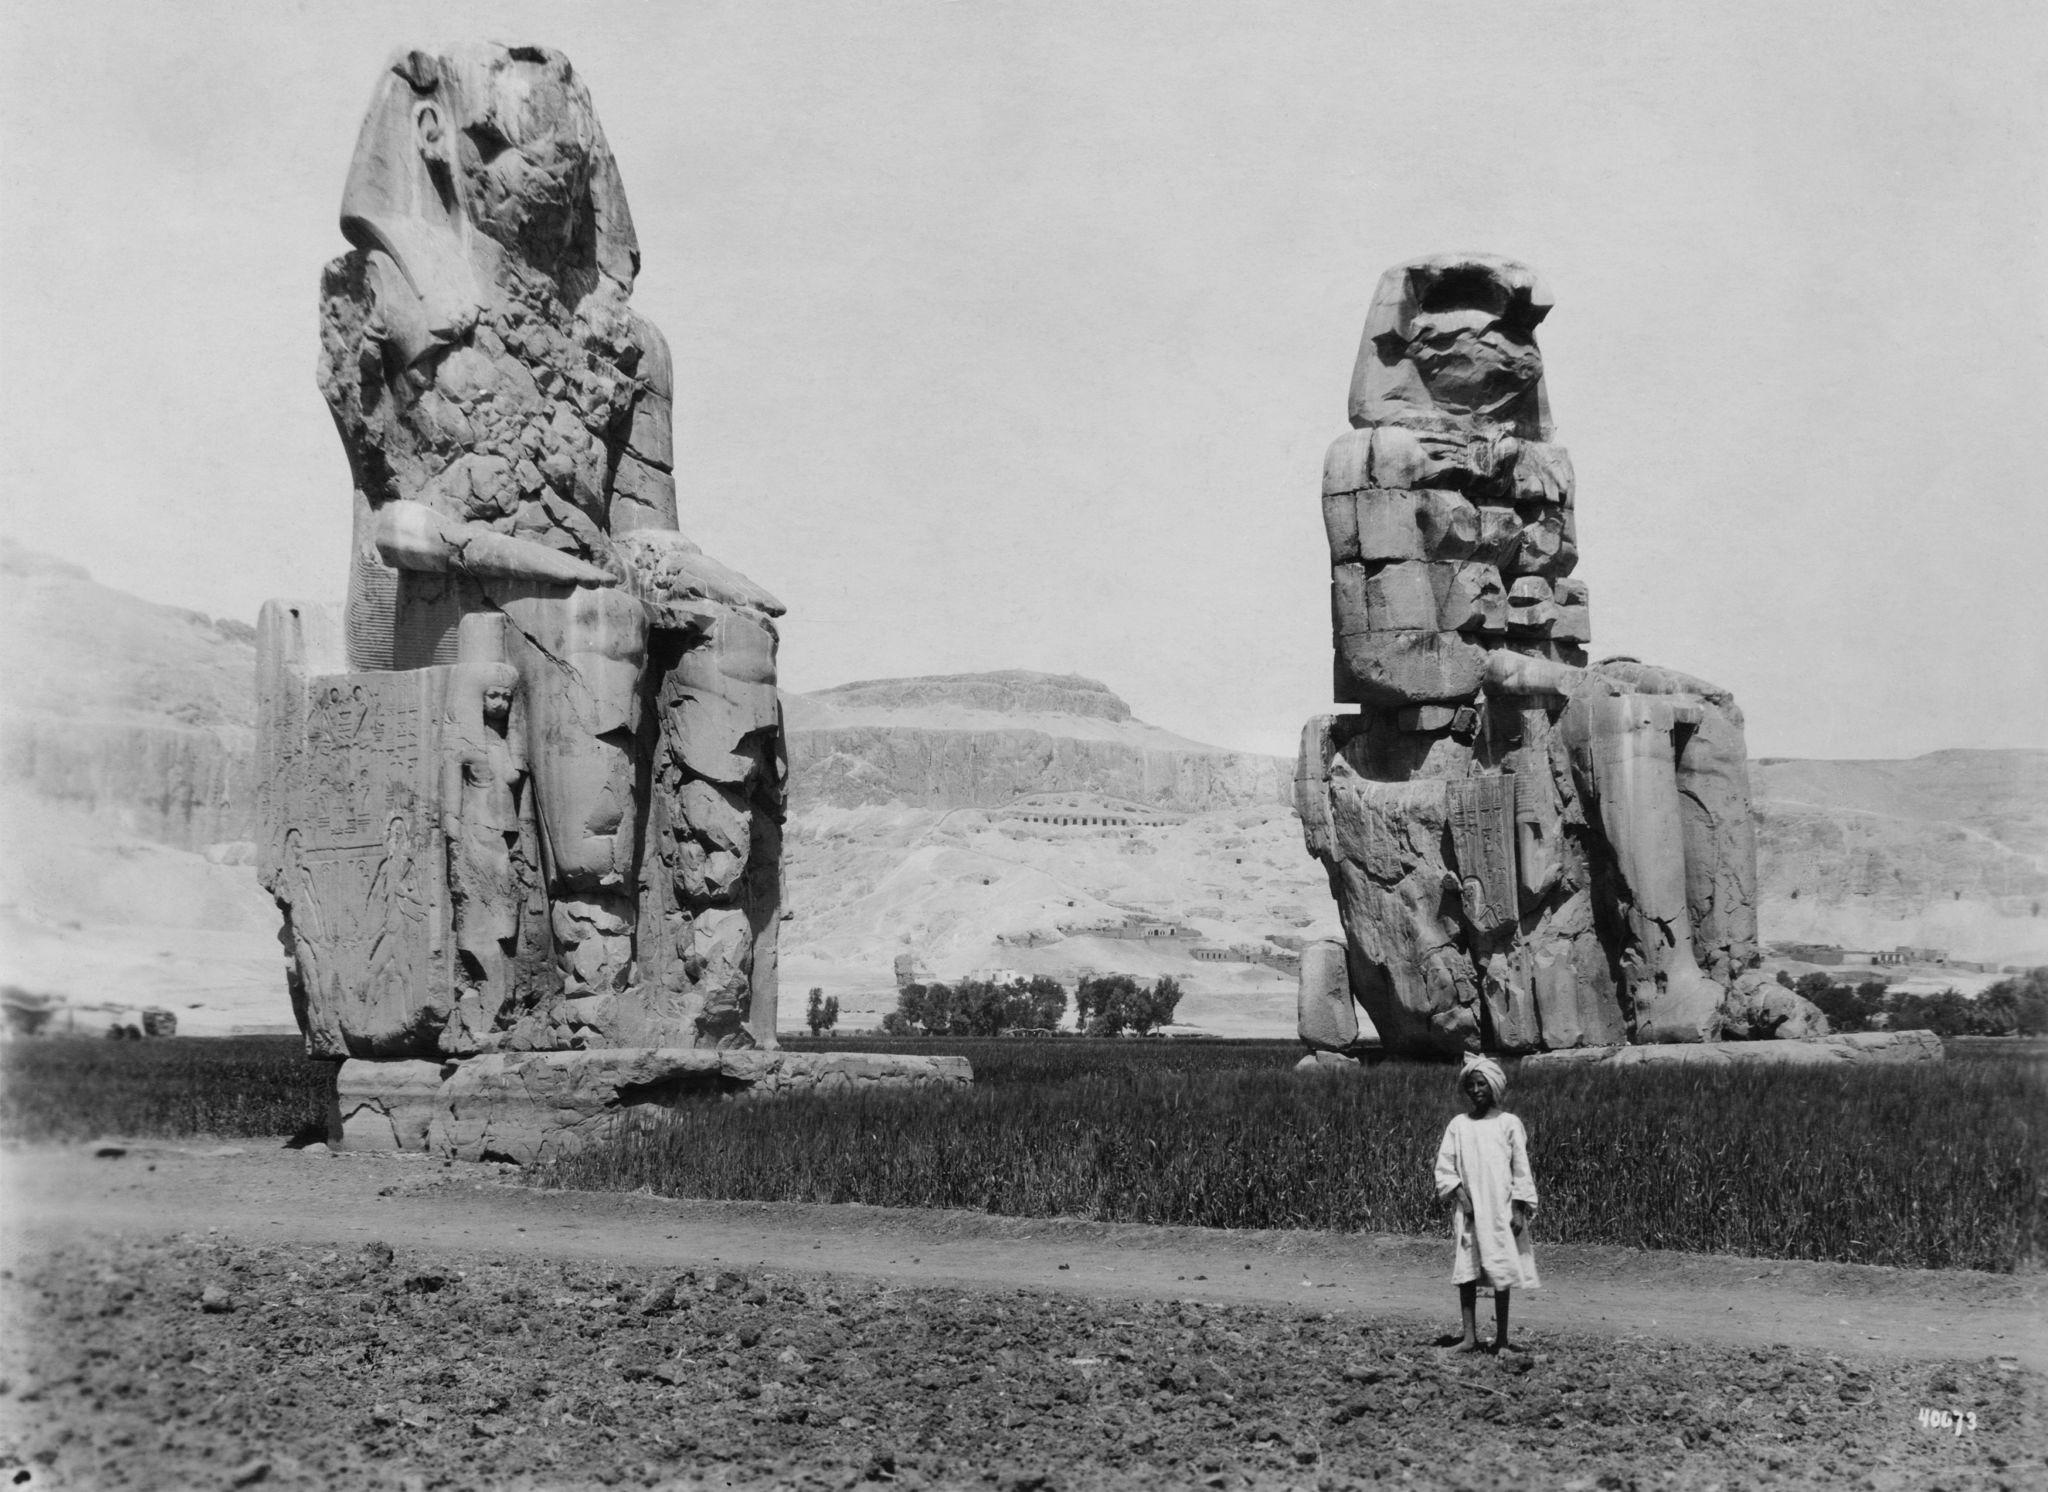 1920. Колоссы Мемнона, две гигантские статуи фараона Аменхотепа III, построенные в 14 веке до нашей эры